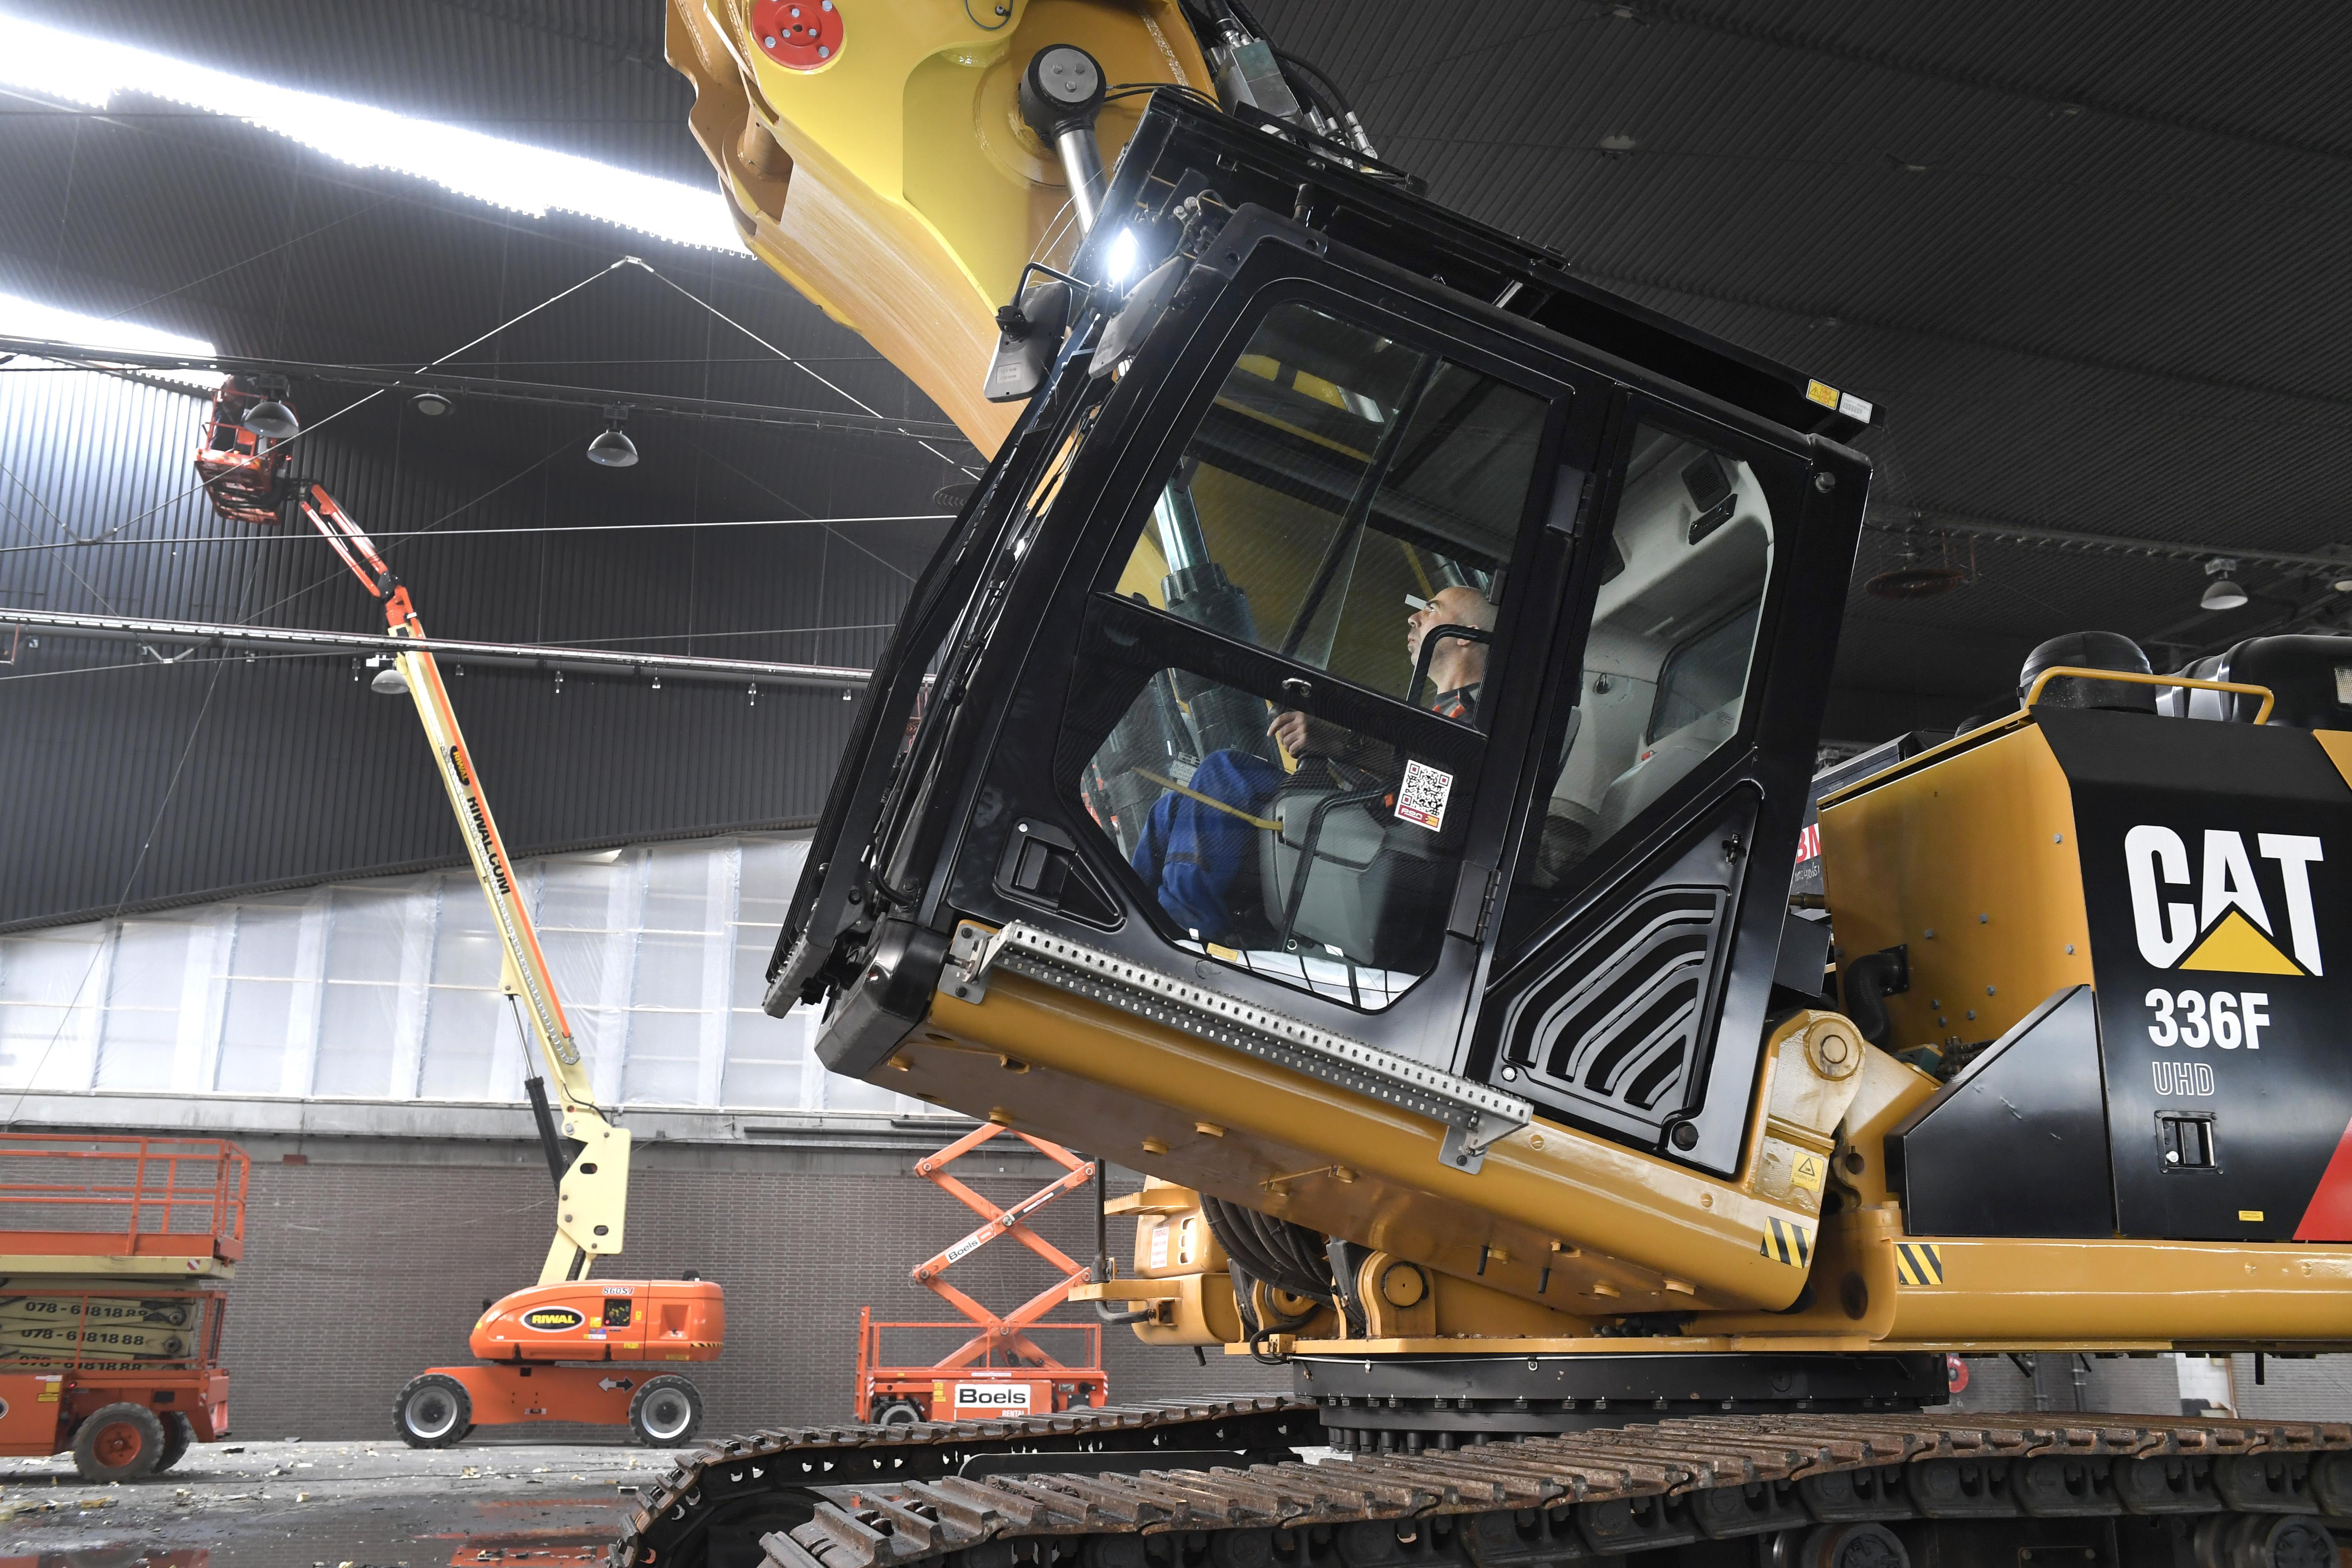 <p>De FOPS-cabine van de Cat 336F UHD is voorzien van veiligheidsglas en kan 30° achterover kantelen, zodat de machinist een beter zicht heeft op het werk.</p>